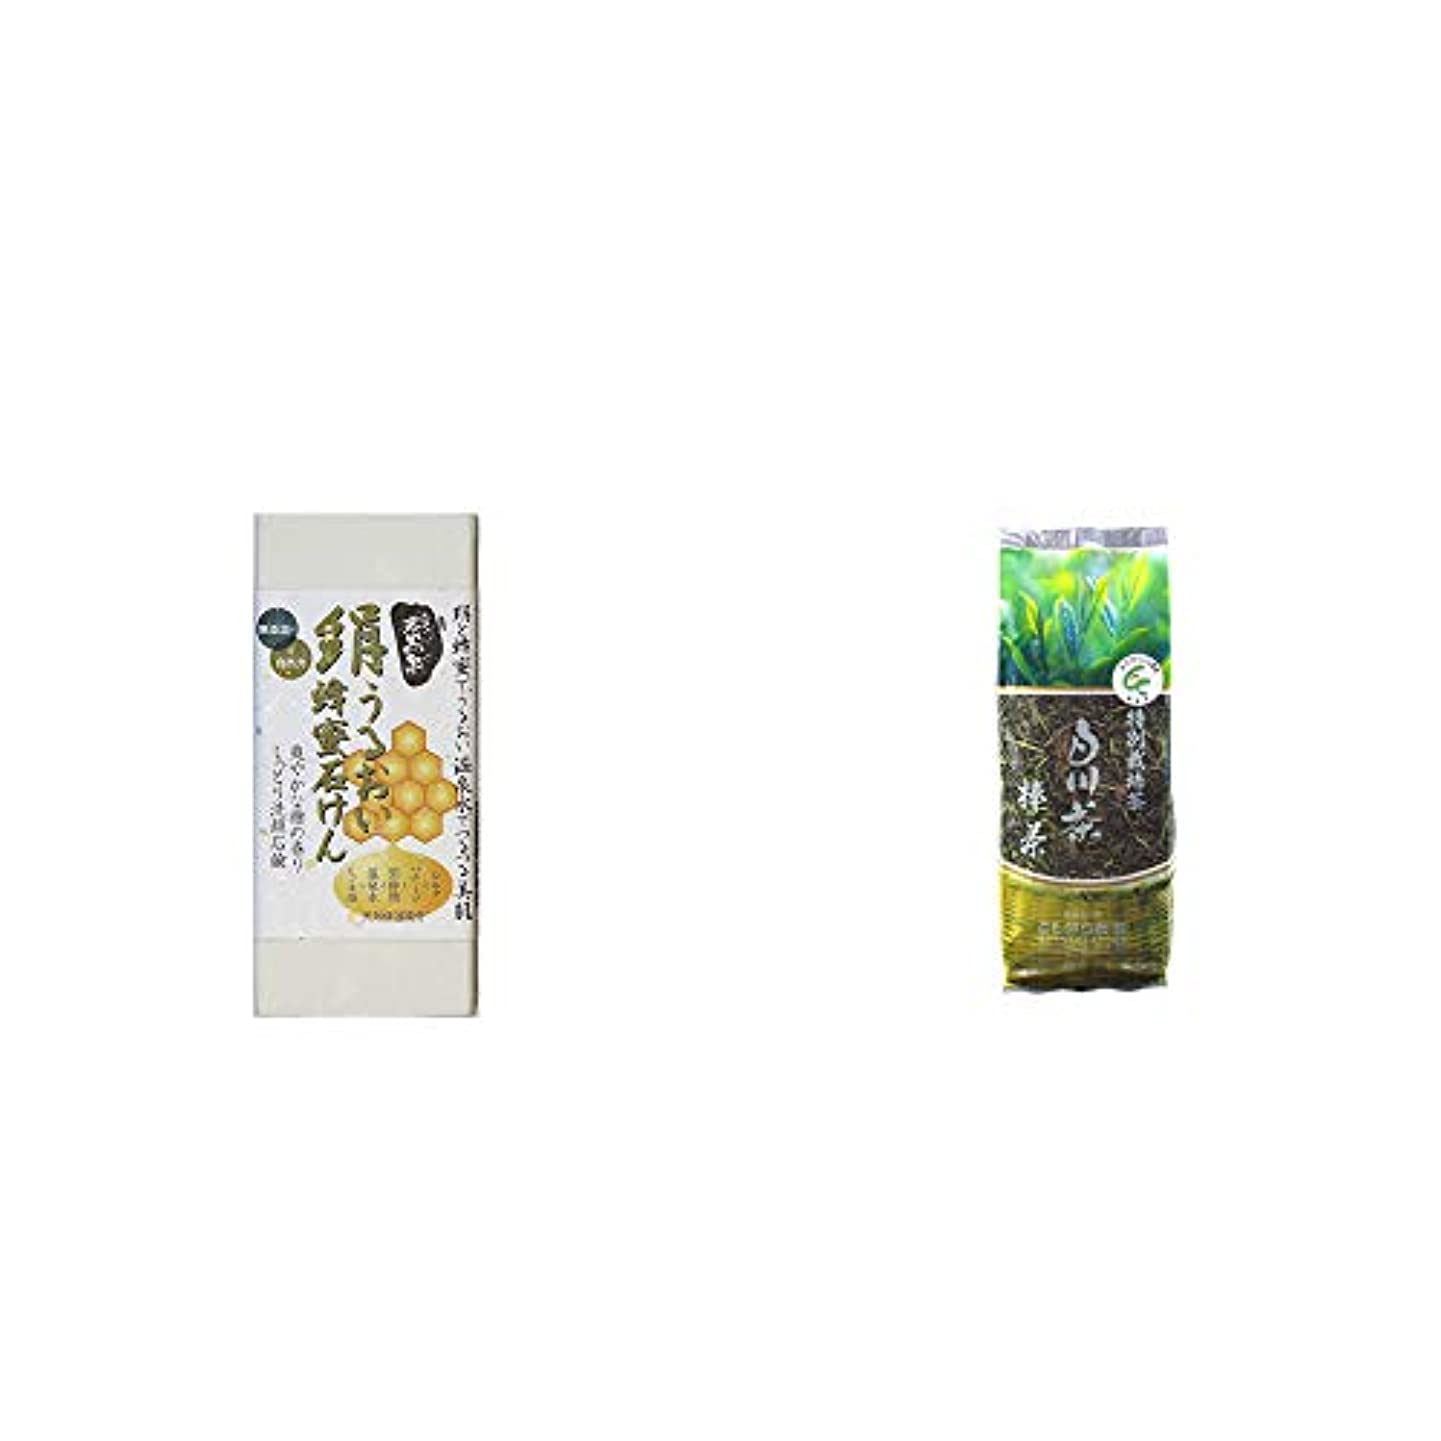 話す機構電気的[2点セット] ひのき炭黒泉 絹うるおい蜂蜜石けん(75g×2)?白川茶 特別栽培茶【棒茶】(150g)